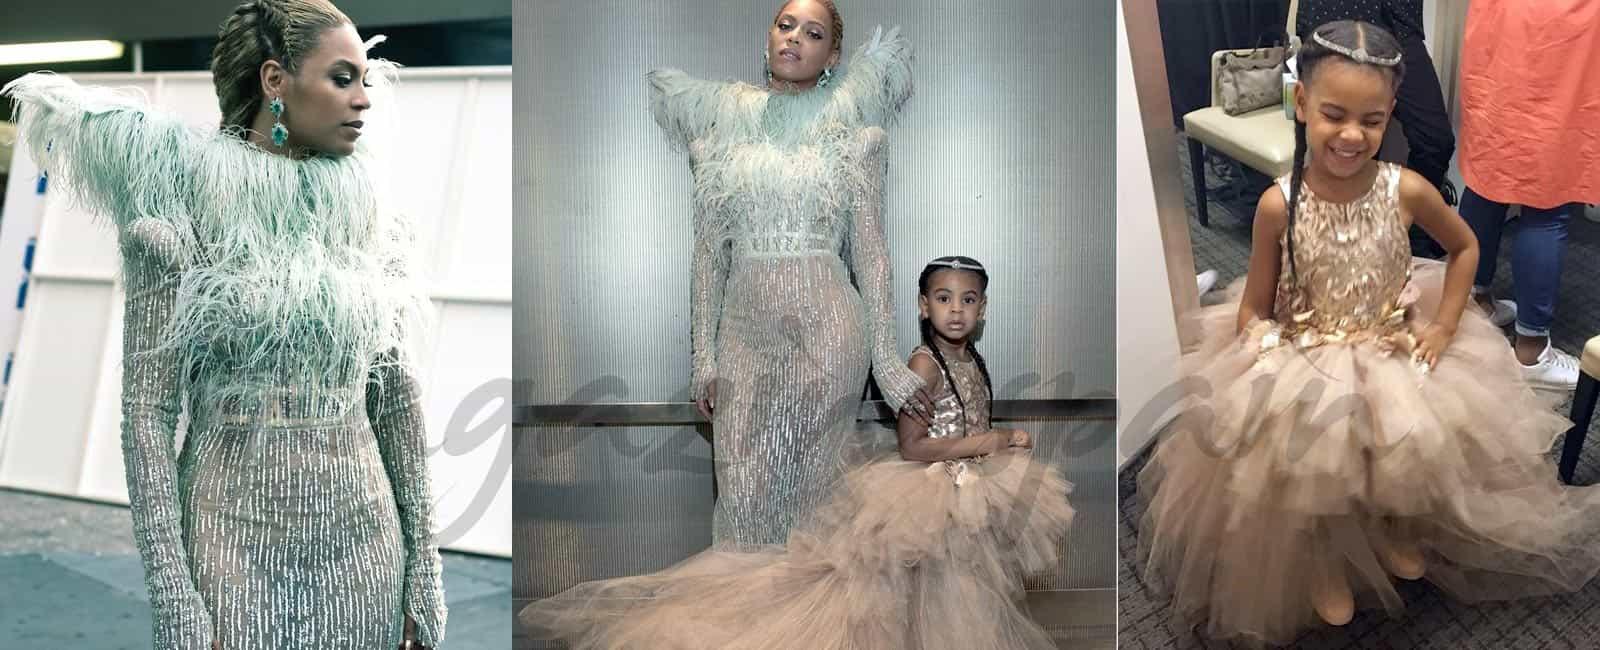 El vestido de princesa, de 11.000$, de la hija de Beyoncé en su primera alfombra roja